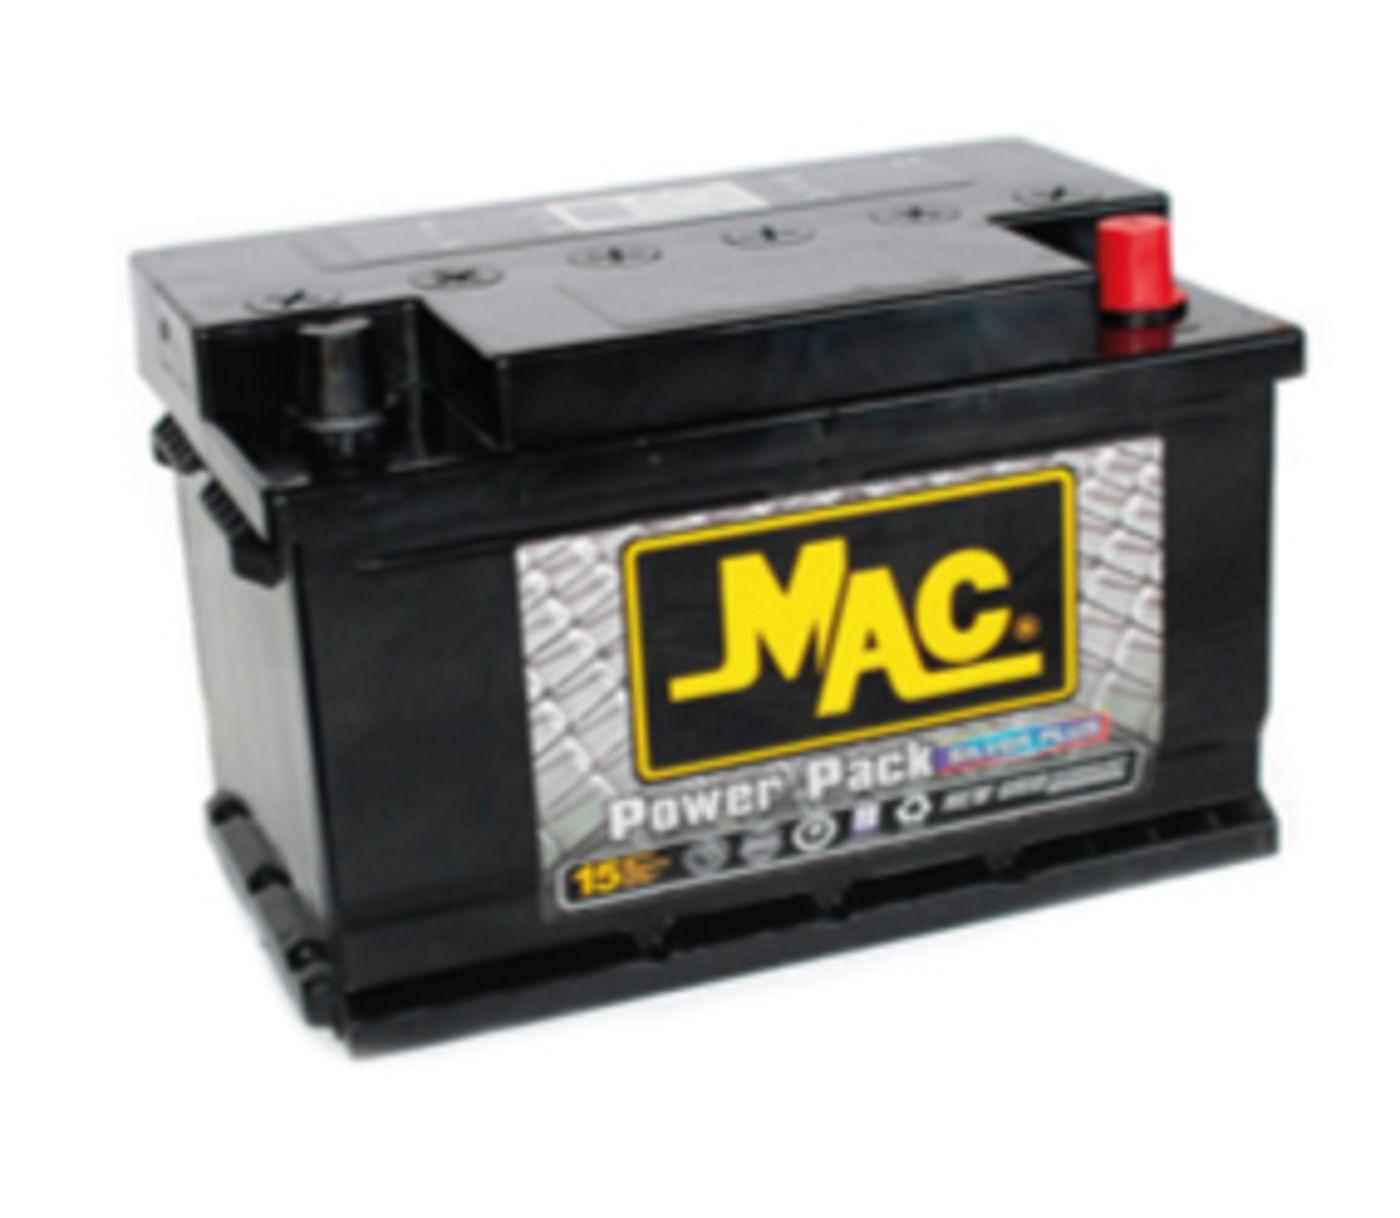 Mac 35750M